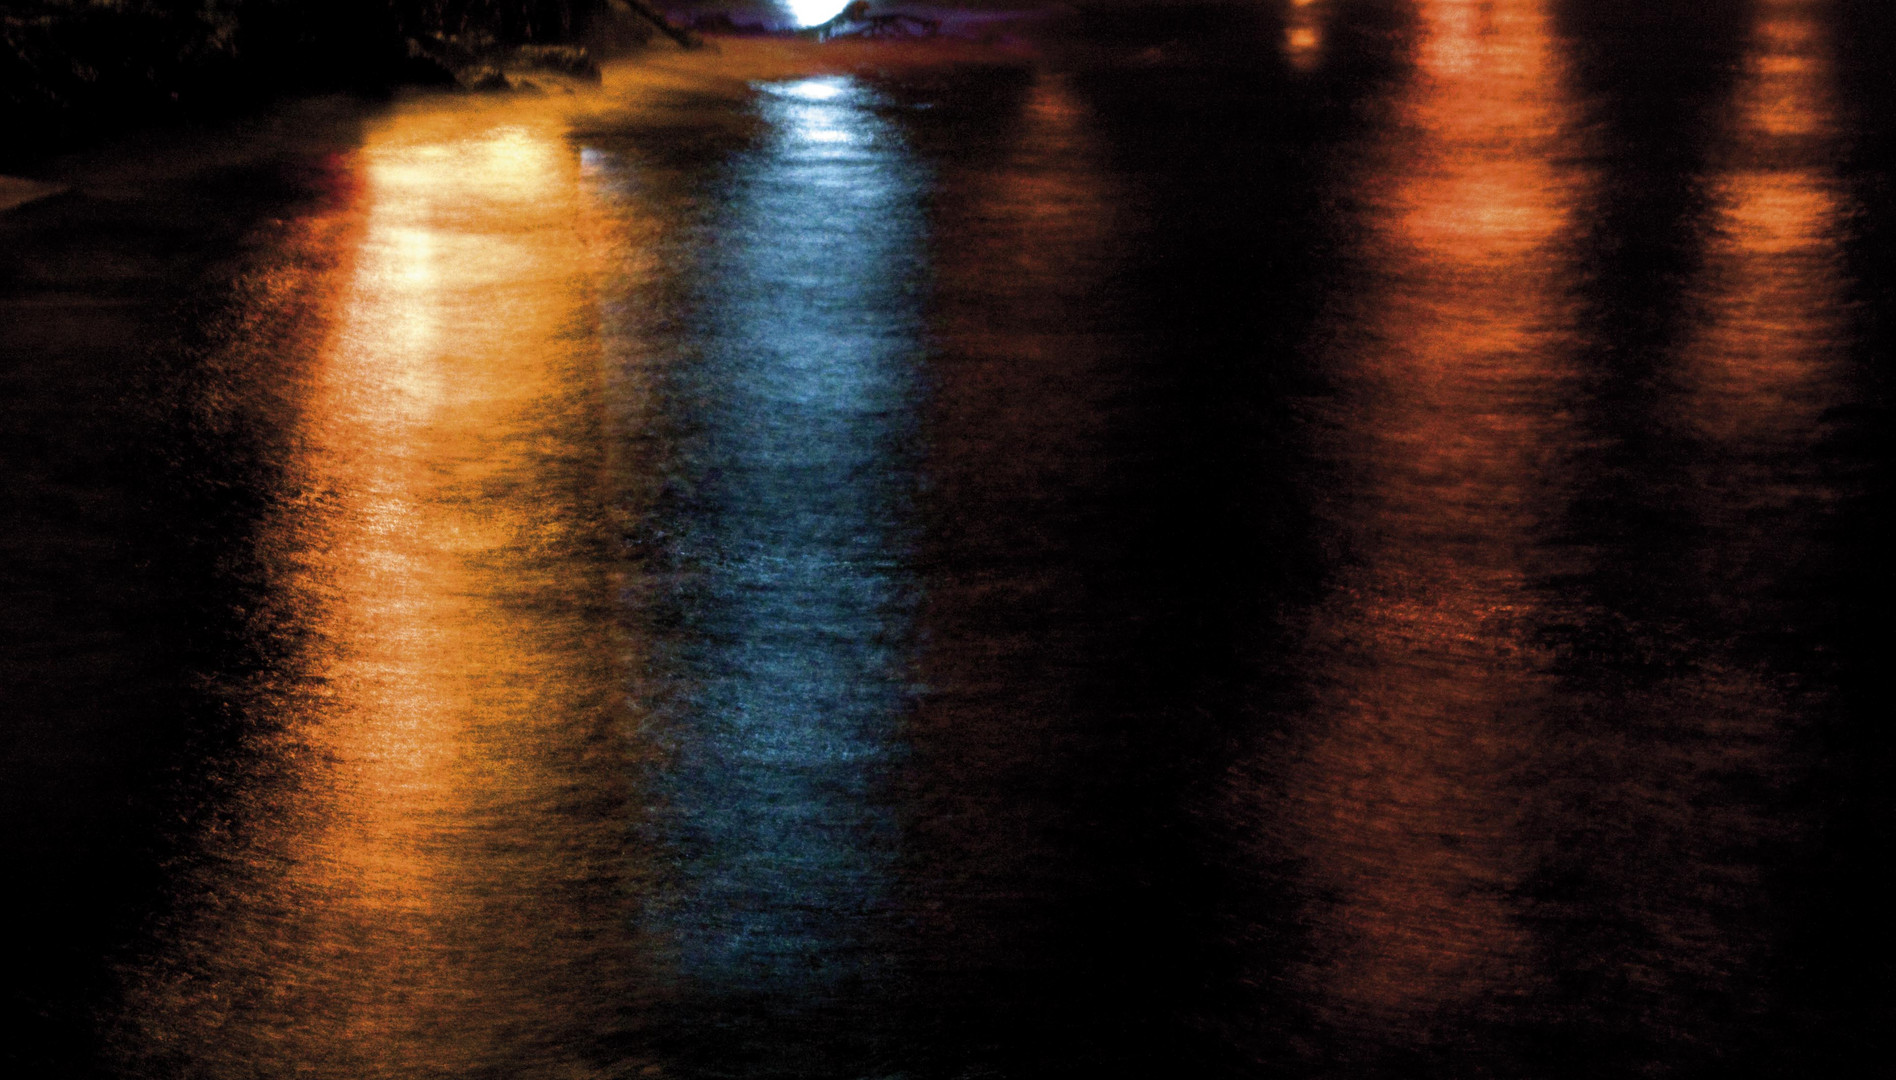 Luci sull'acqua 2